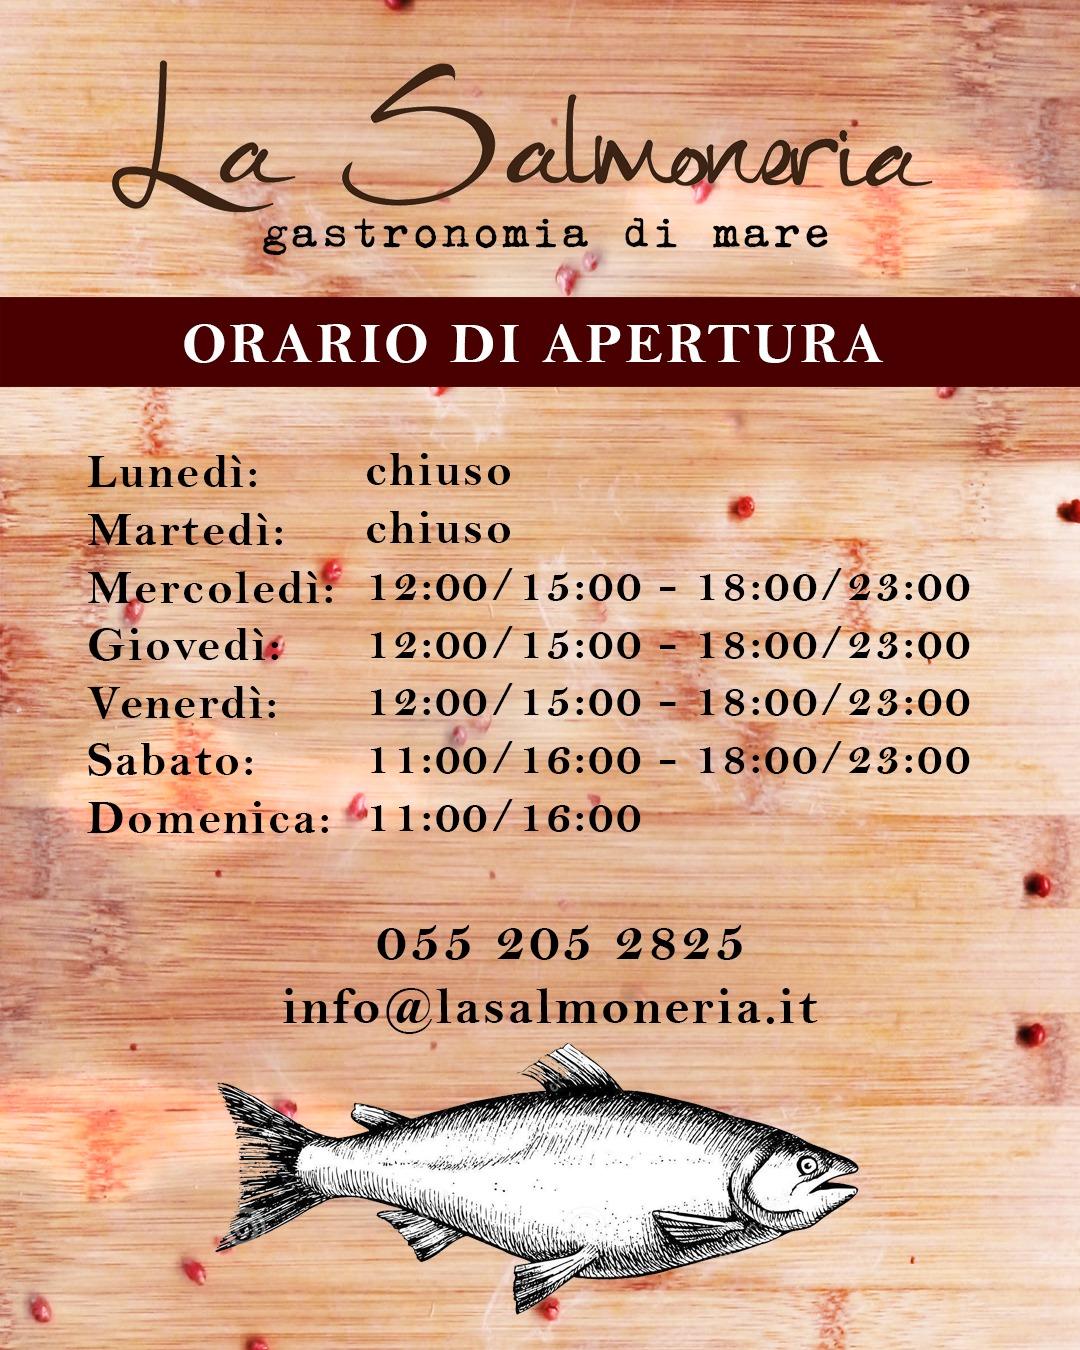 orario-salmoneria21